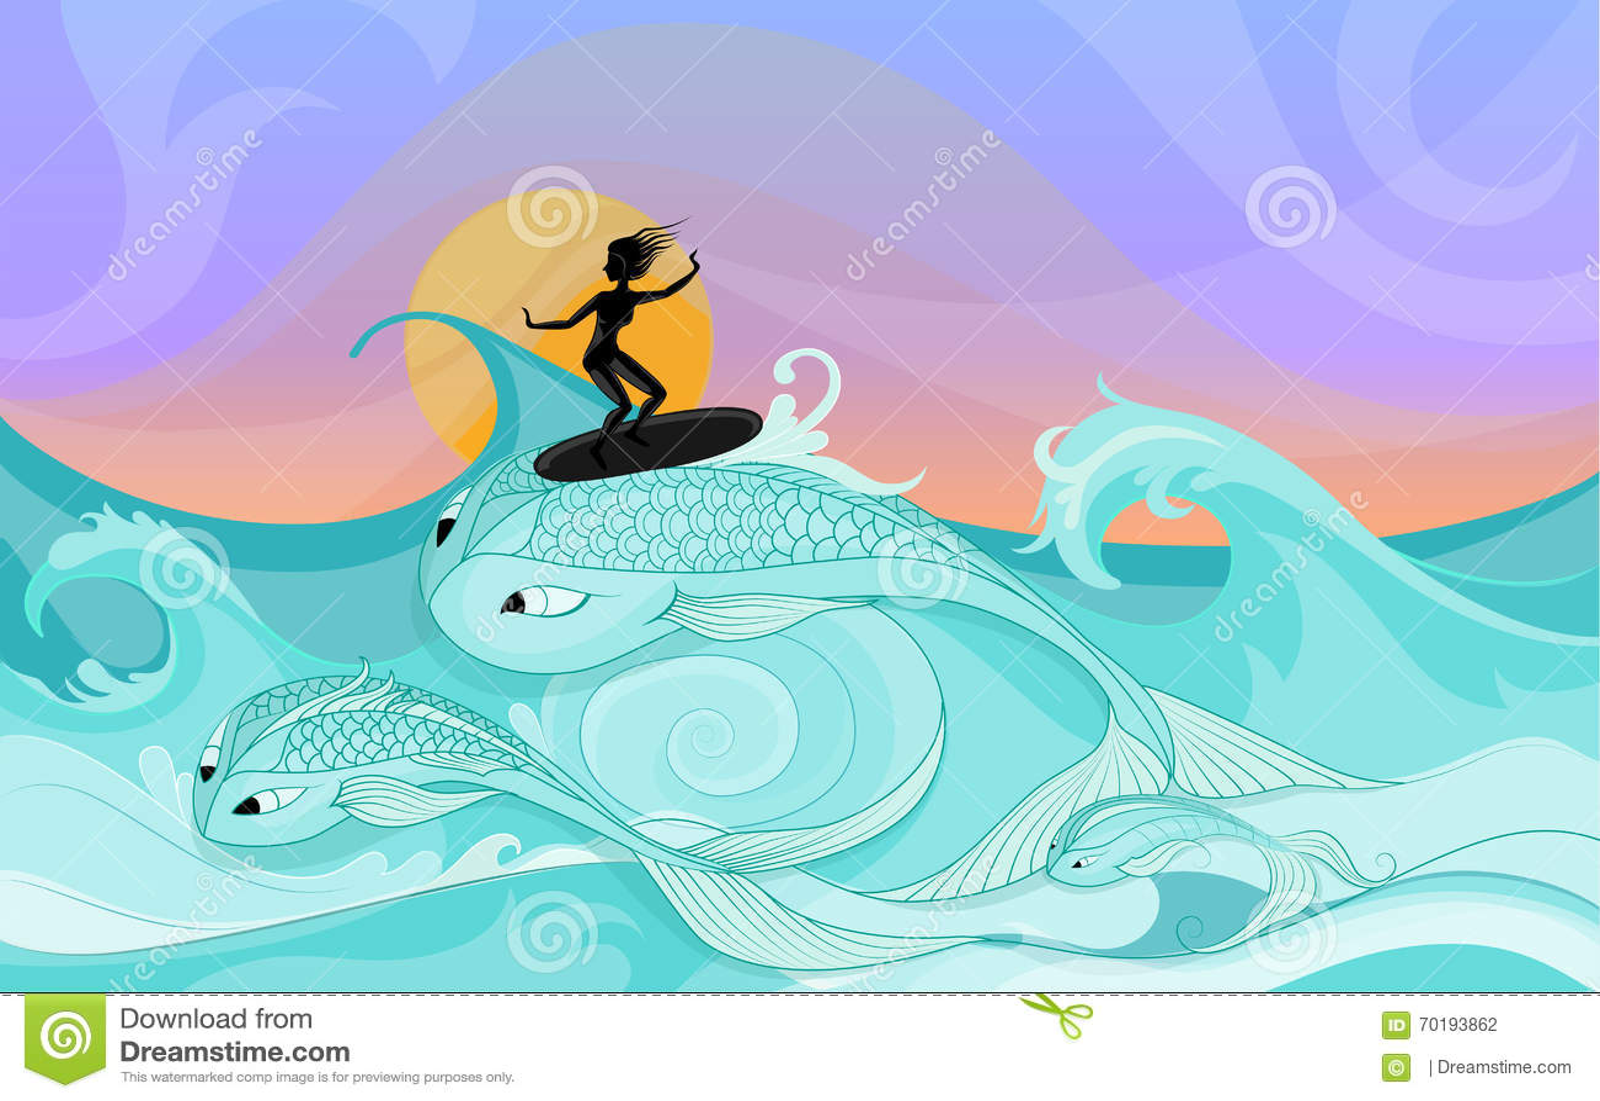 Den unga kvinnliga surfaren rider på stil för tecknad film för havvågor